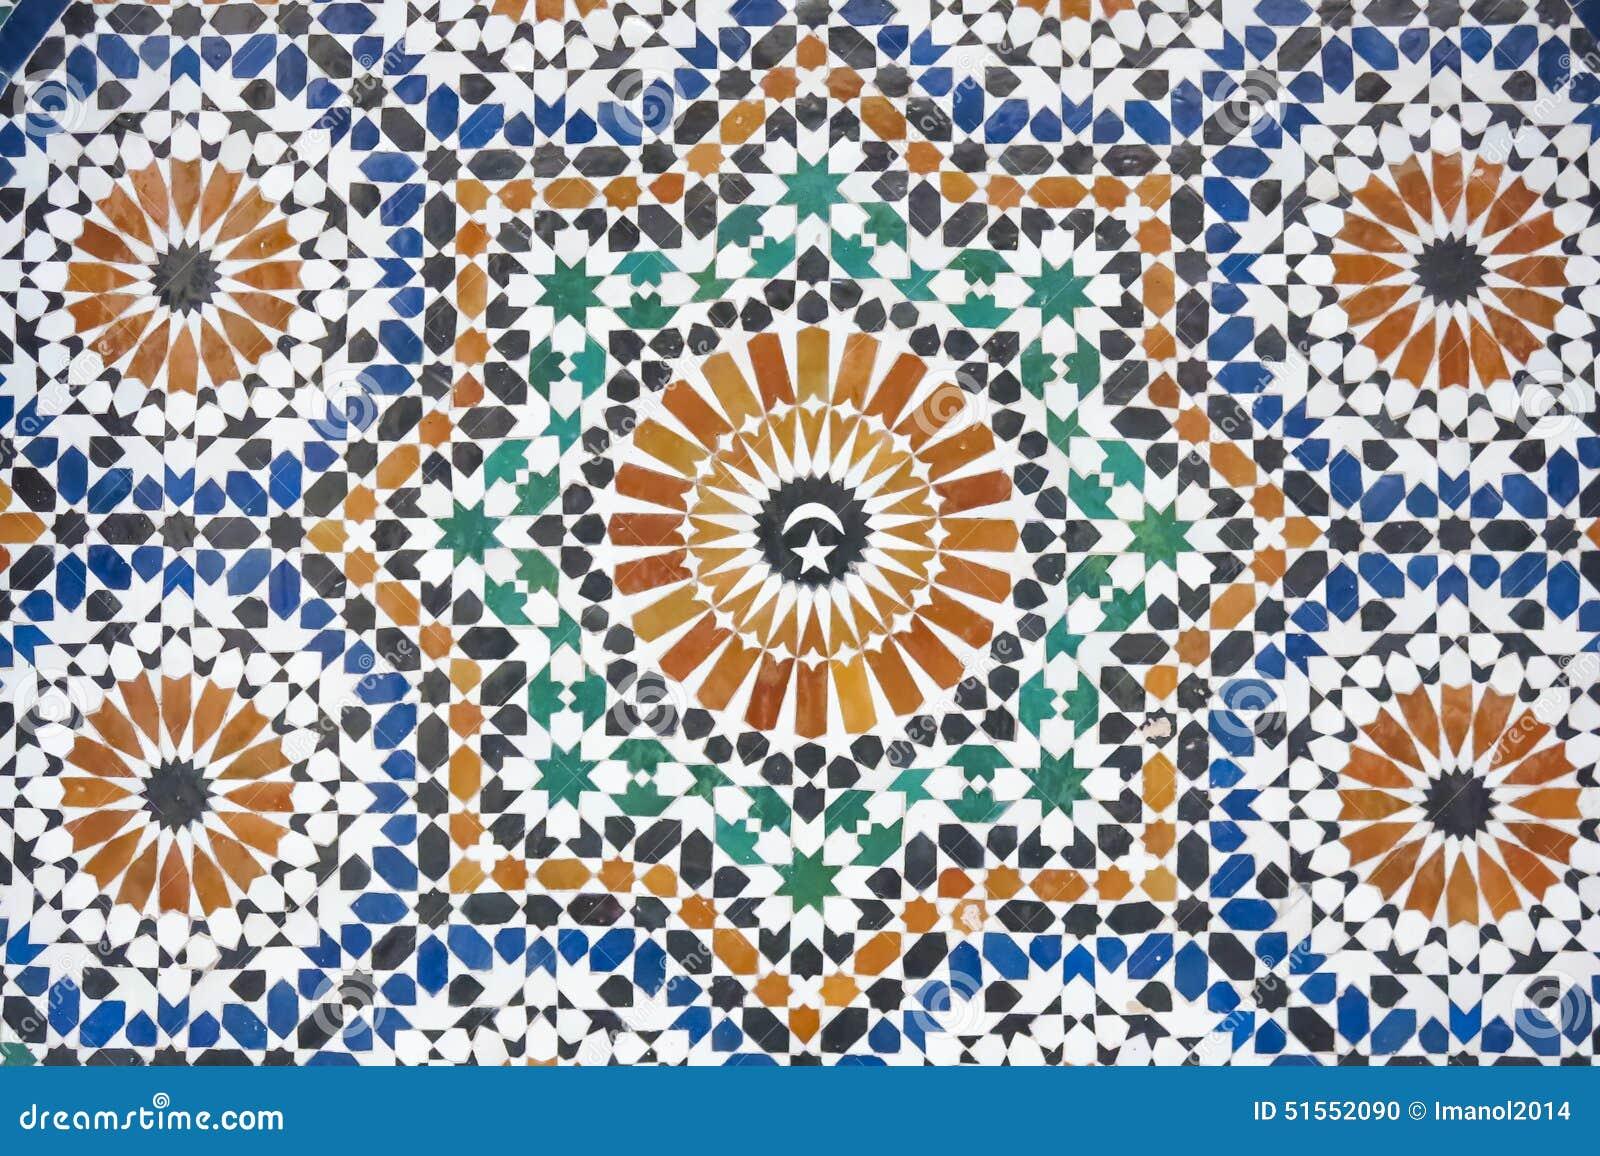 Marokkanisches mosaik deckte dekoration mit ziegeln - Dekoration mosaik ...